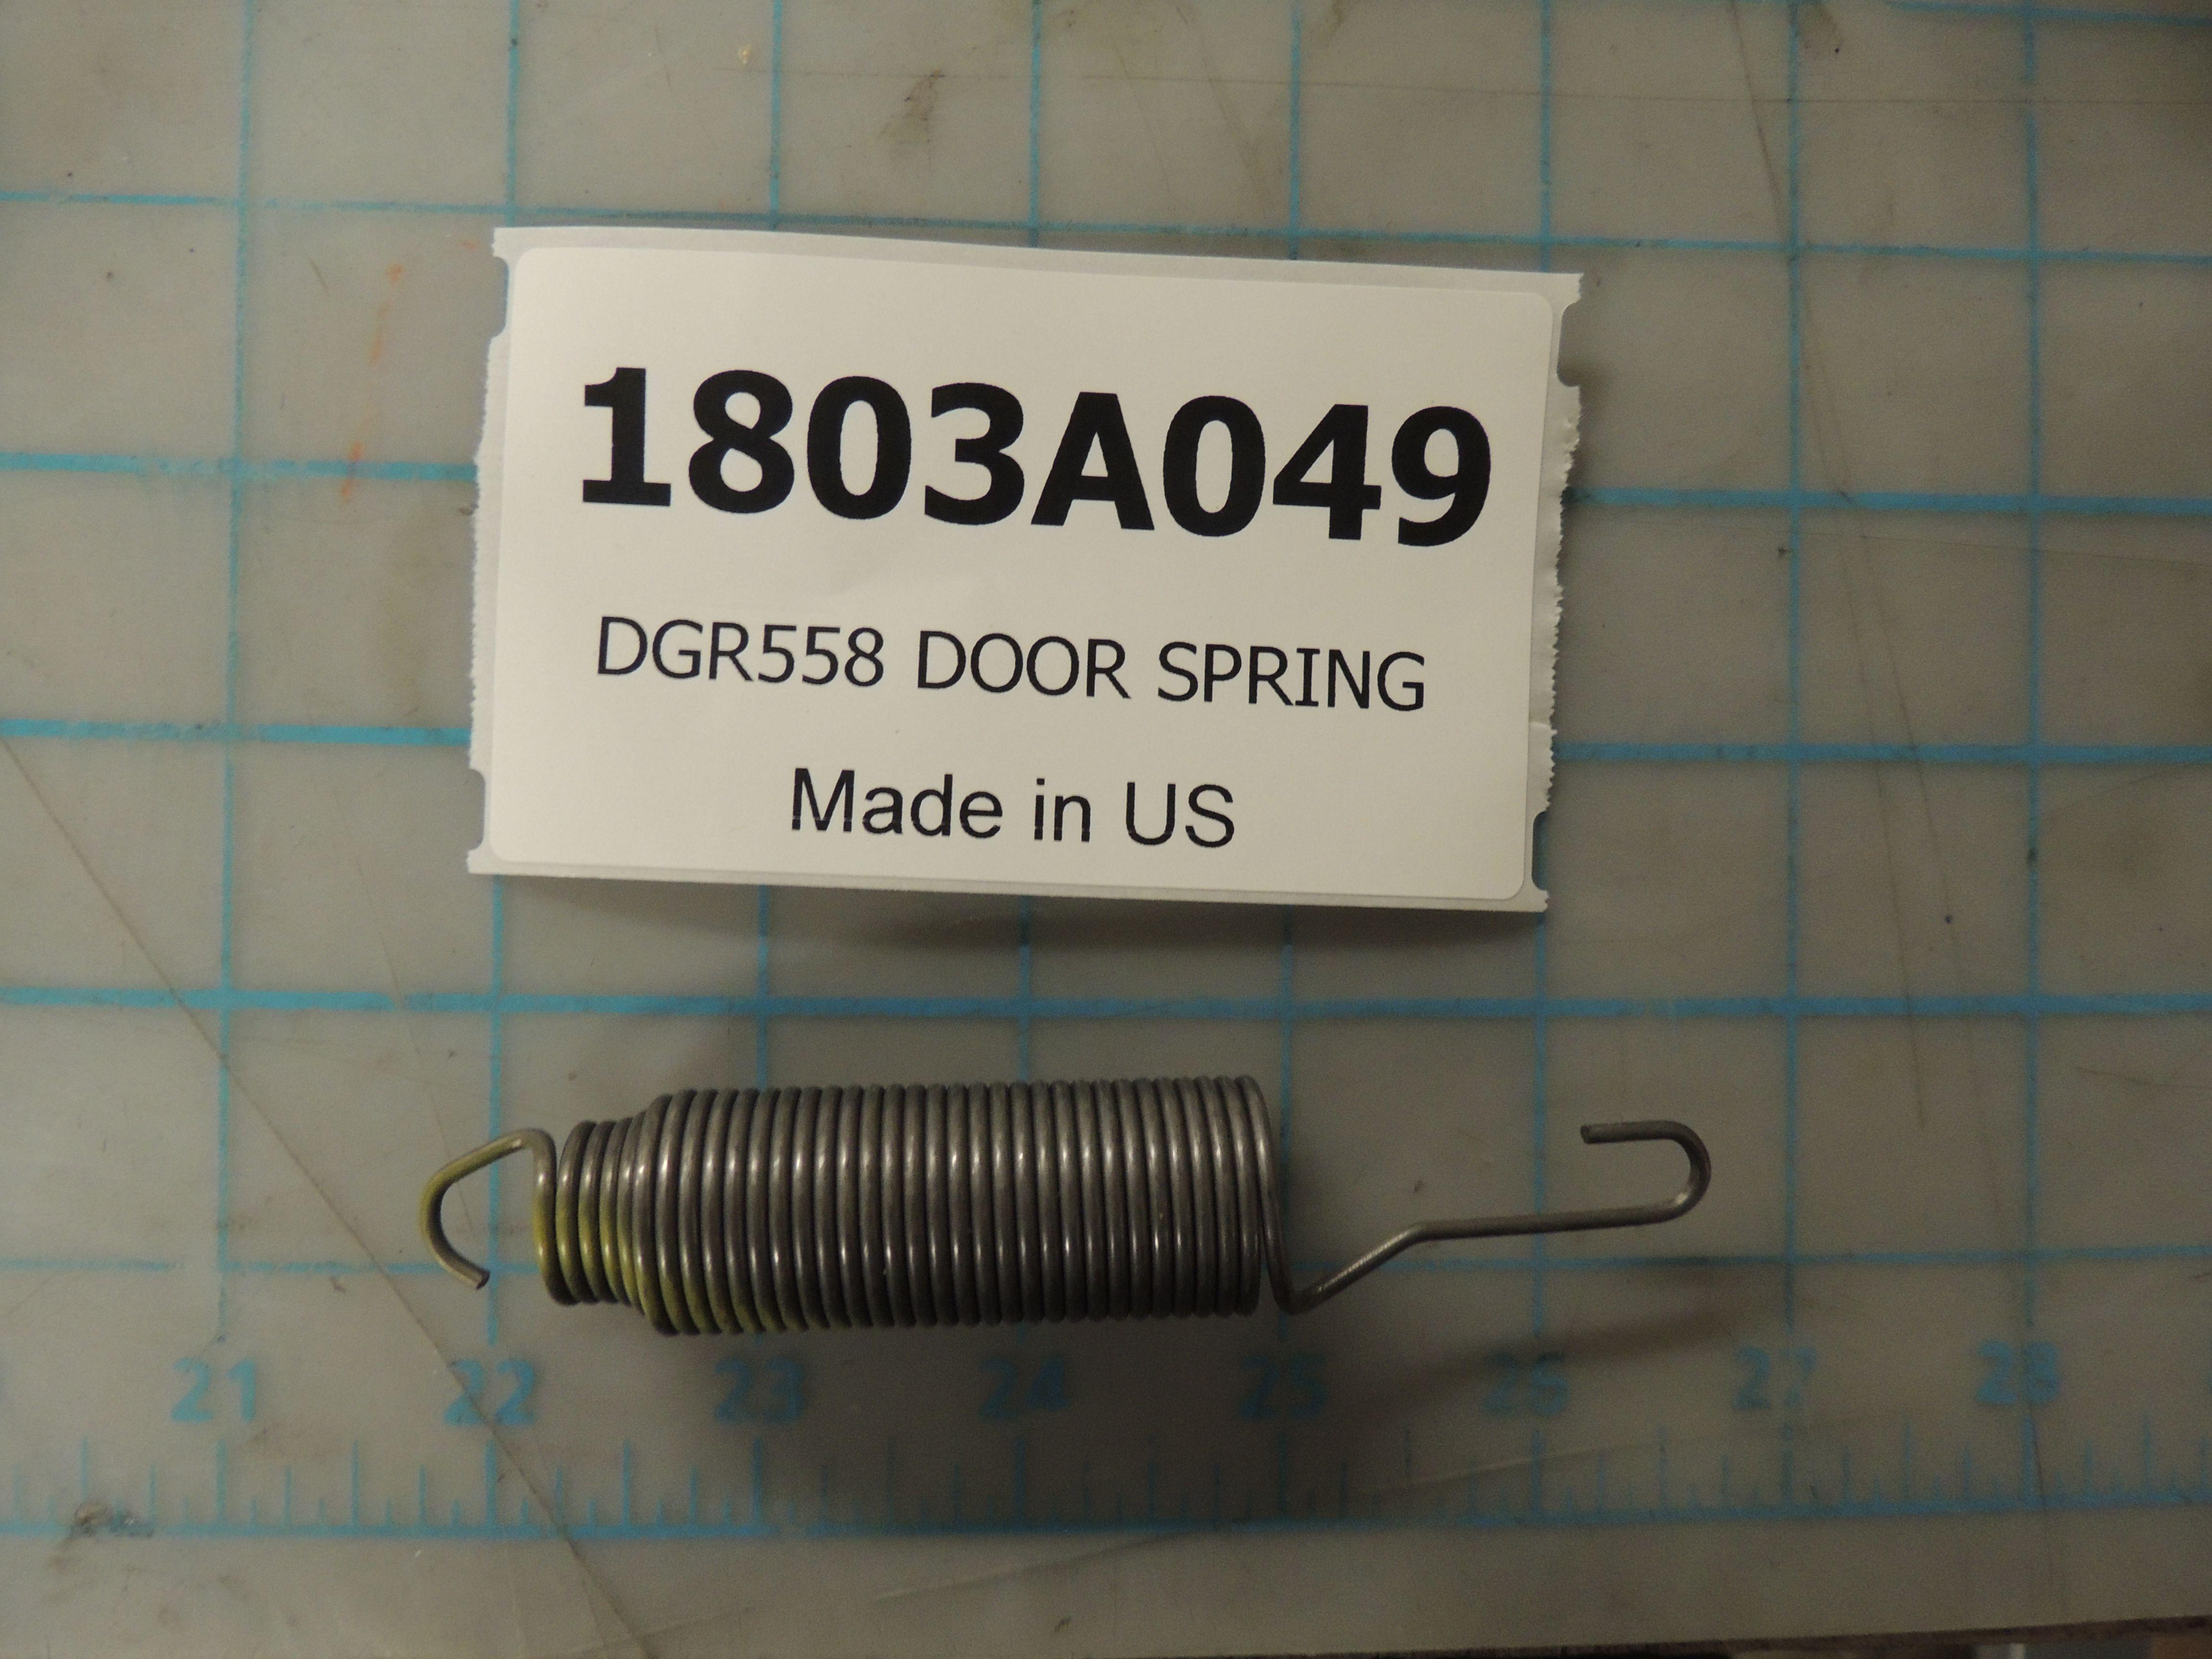 DGR558 DOOR SPRING